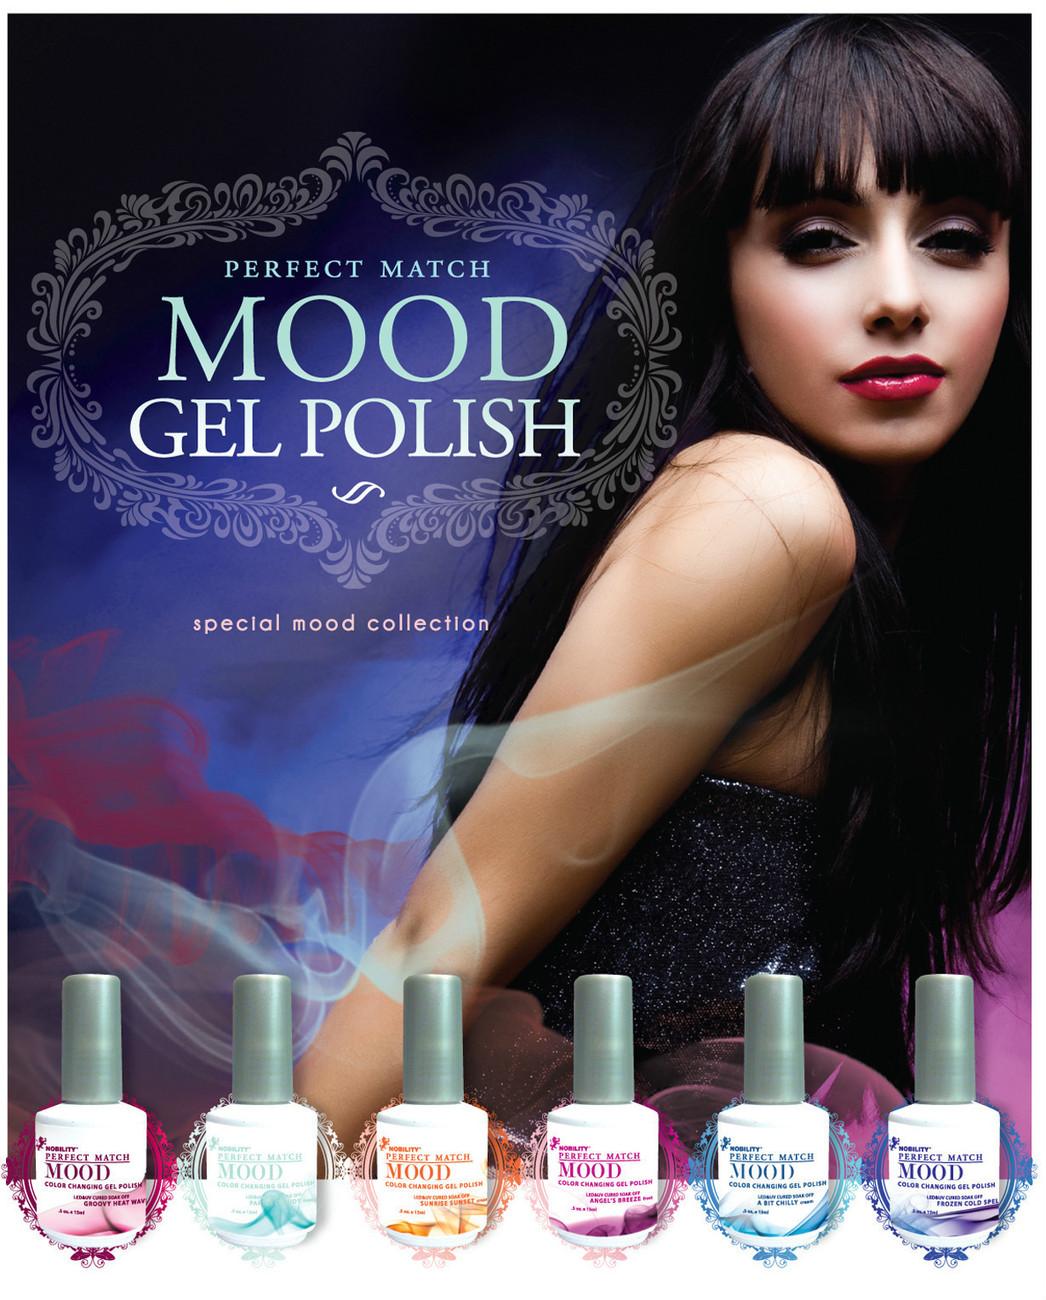 lechat perfect match mood color changing gel polish 6 color set 5 oz gel shellac polish. Black Bedroom Furniture Sets. Home Design Ideas